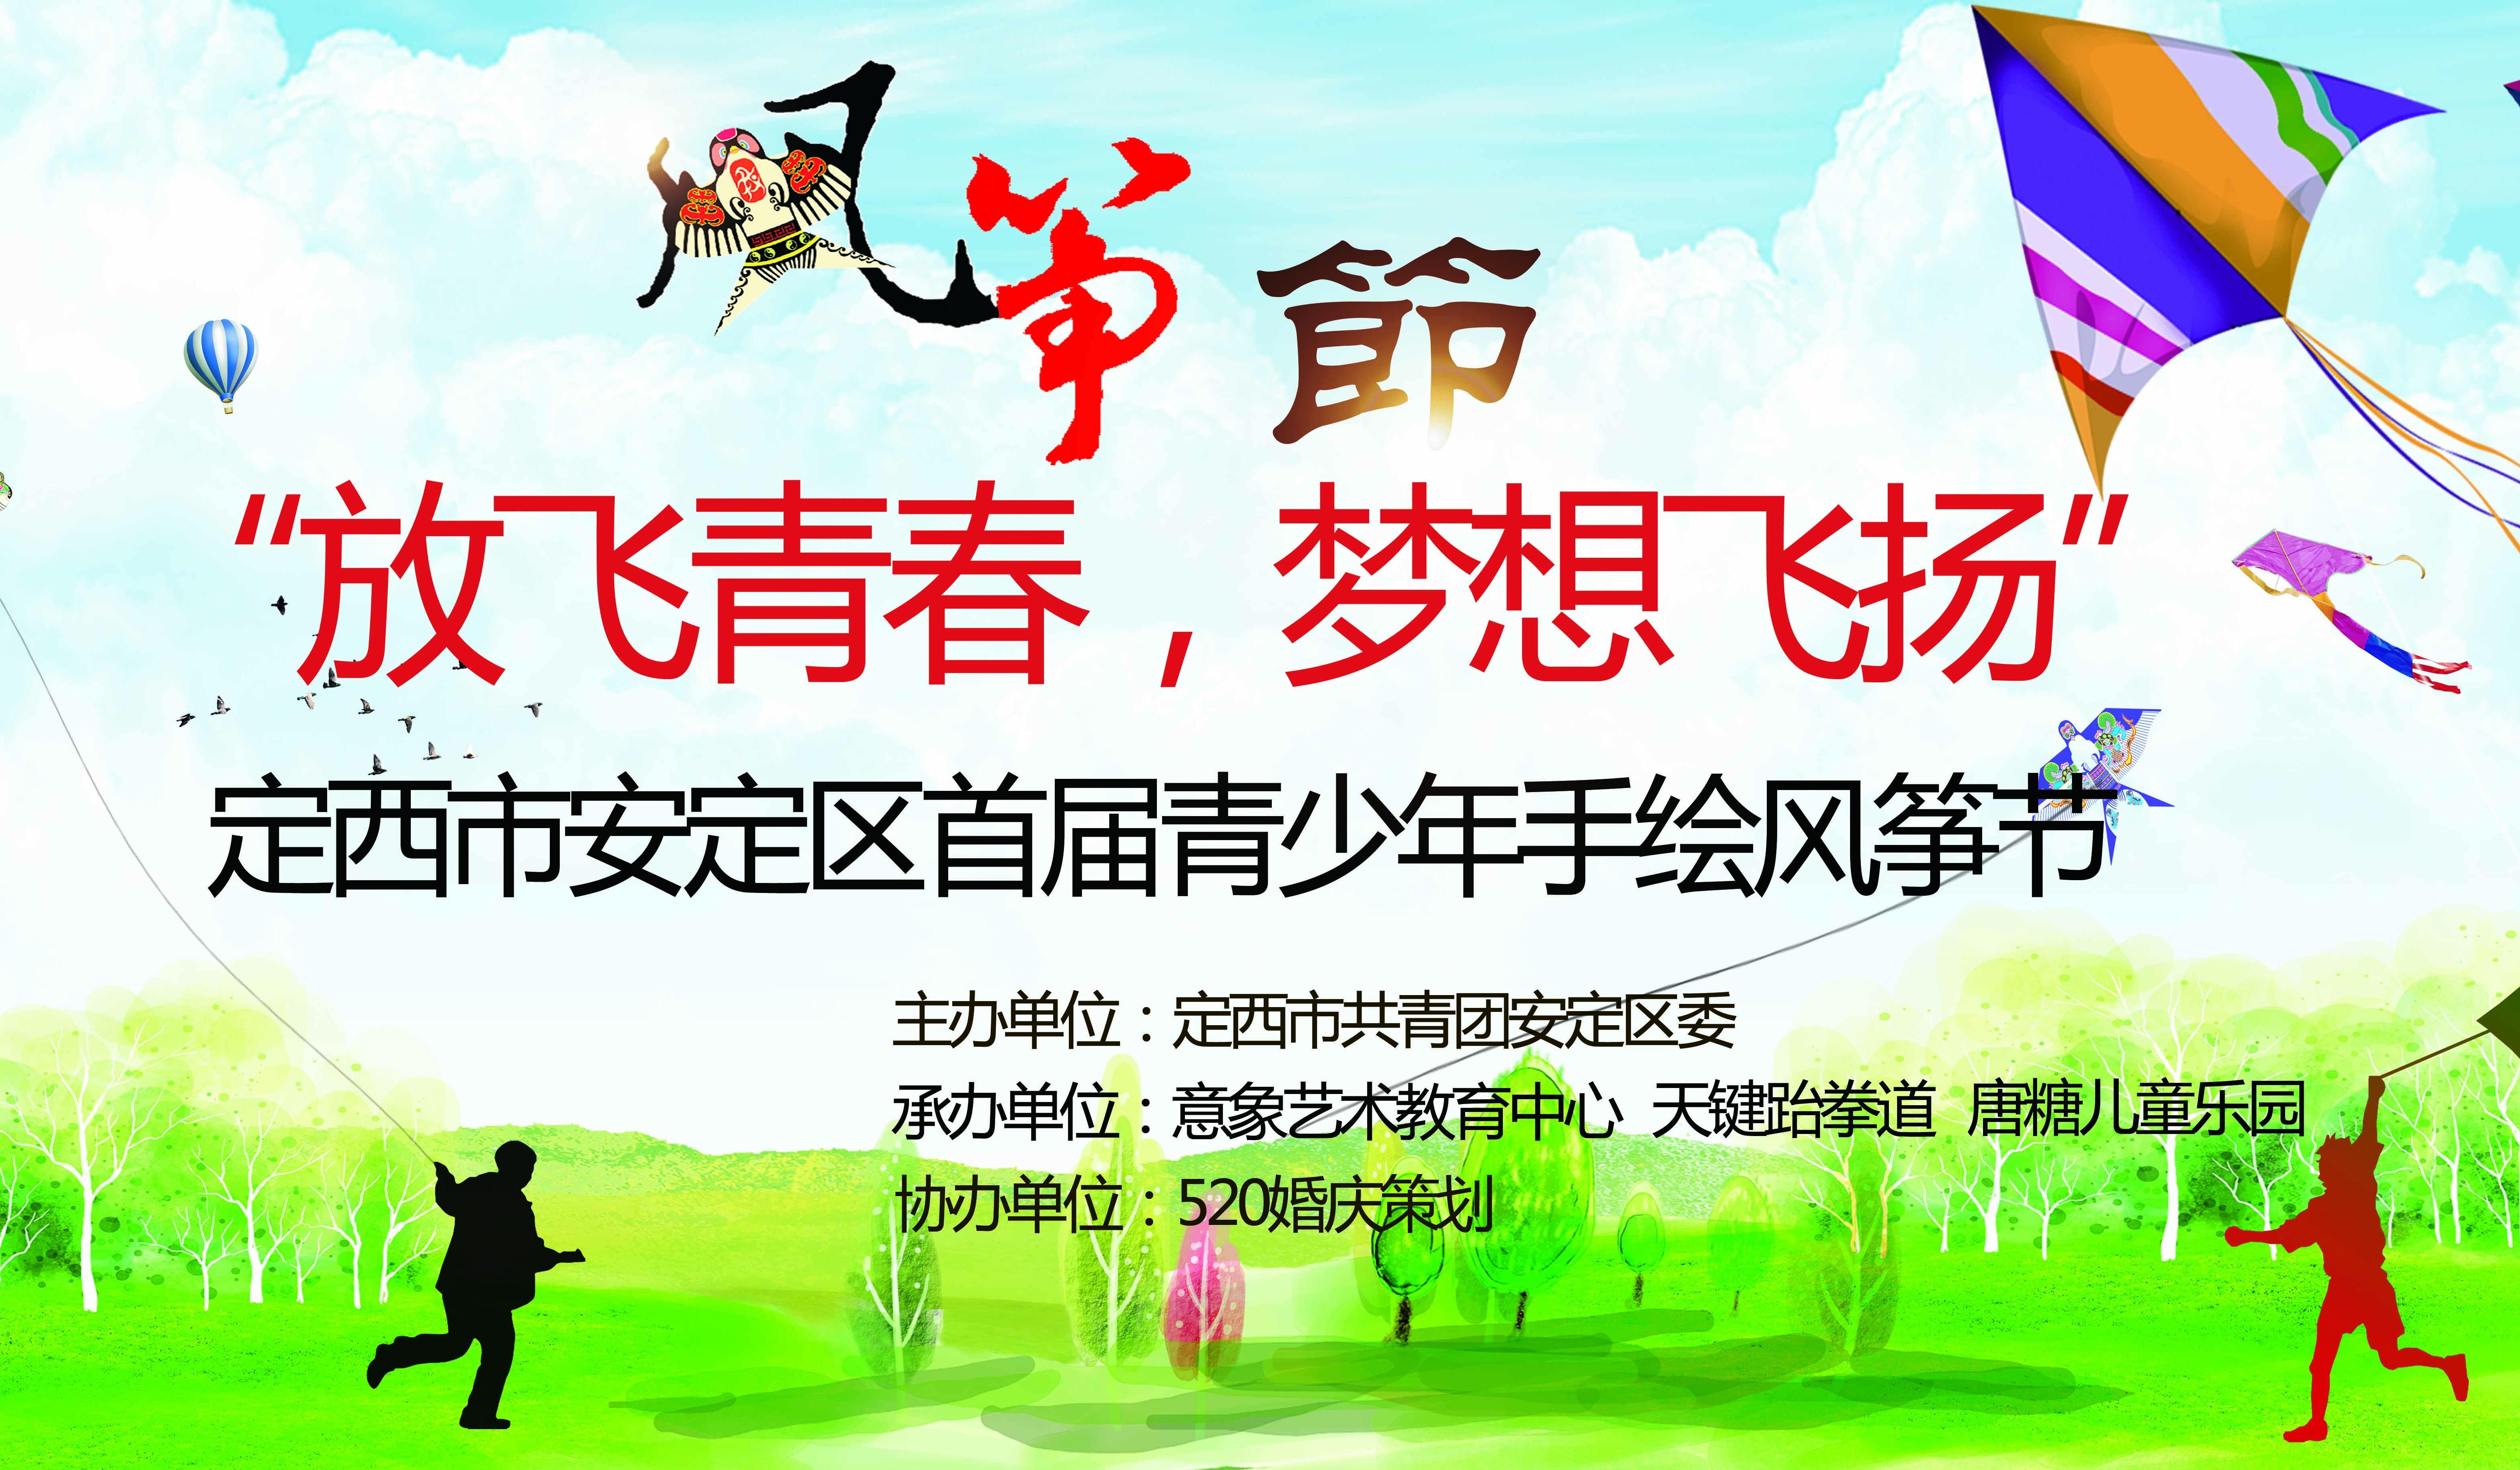 """定西市首届""""放飞青春,梦想飞扬""""青少年手绘风筝节"""